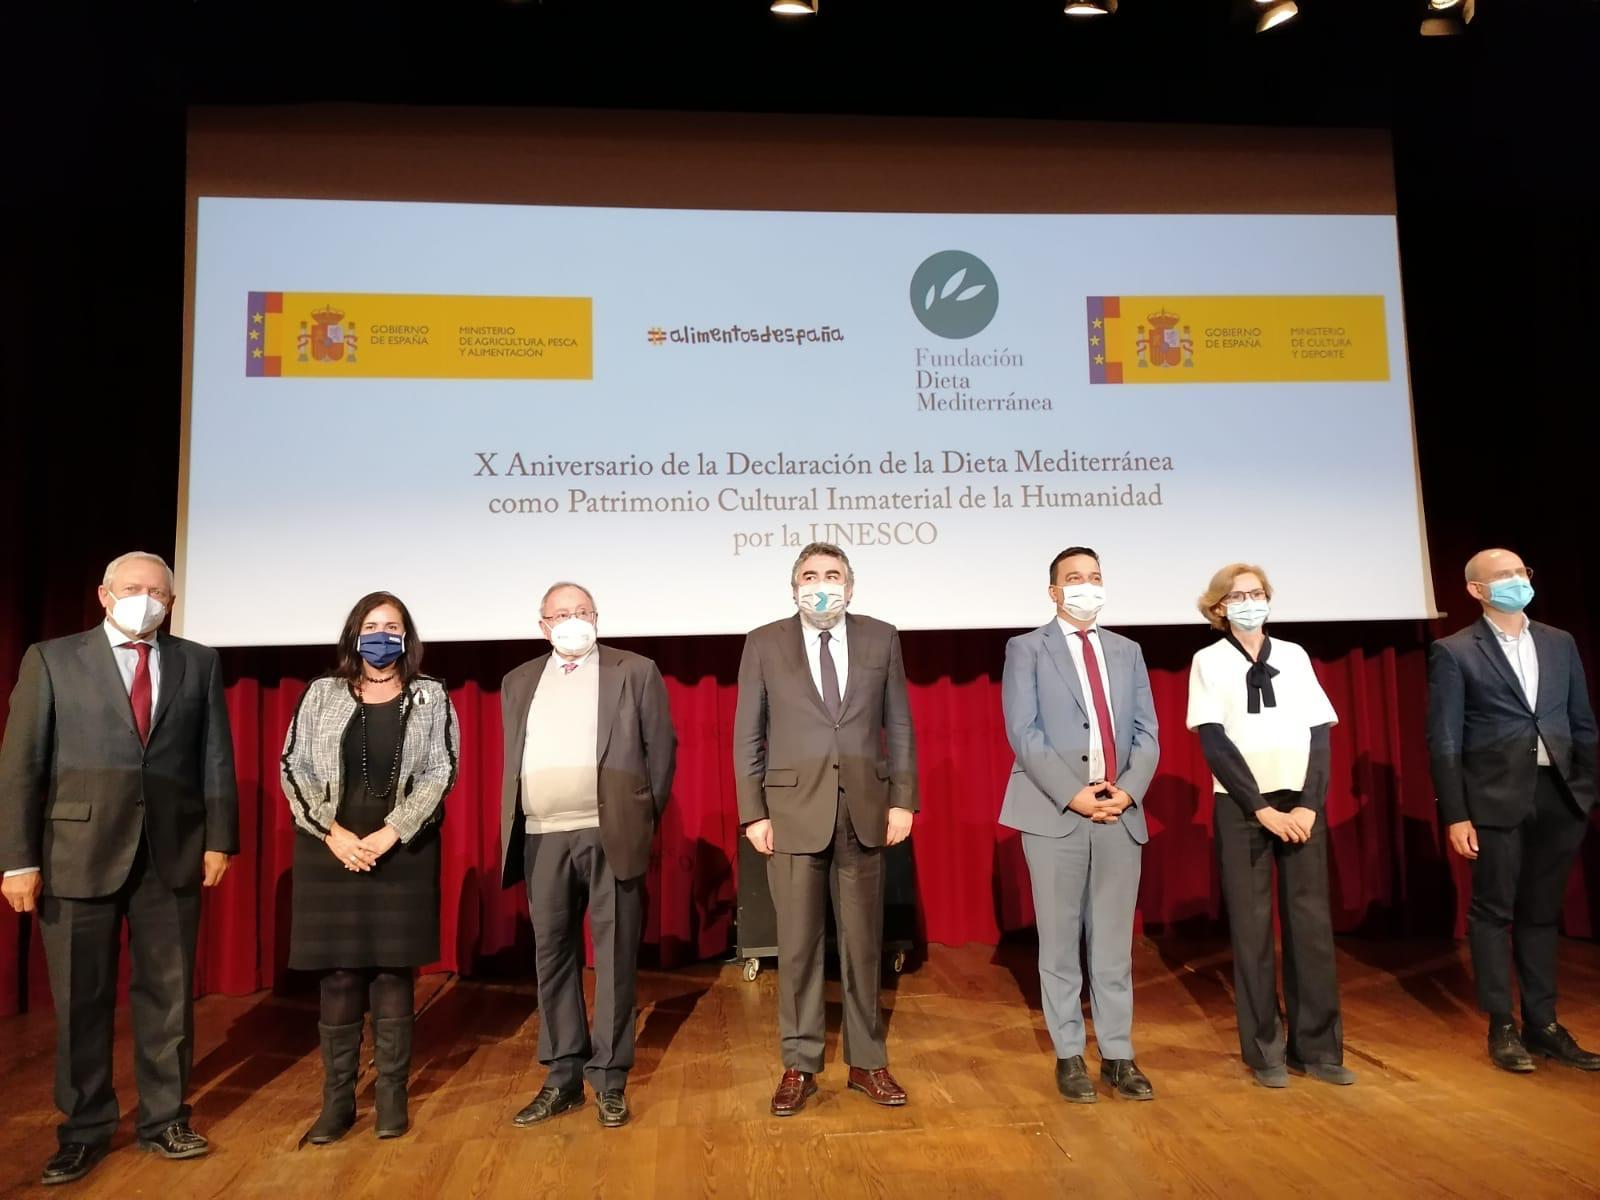 Celebración del décimo aniversario de la Dieta Mediterránea como Patrimonio Cultural Inmaterial